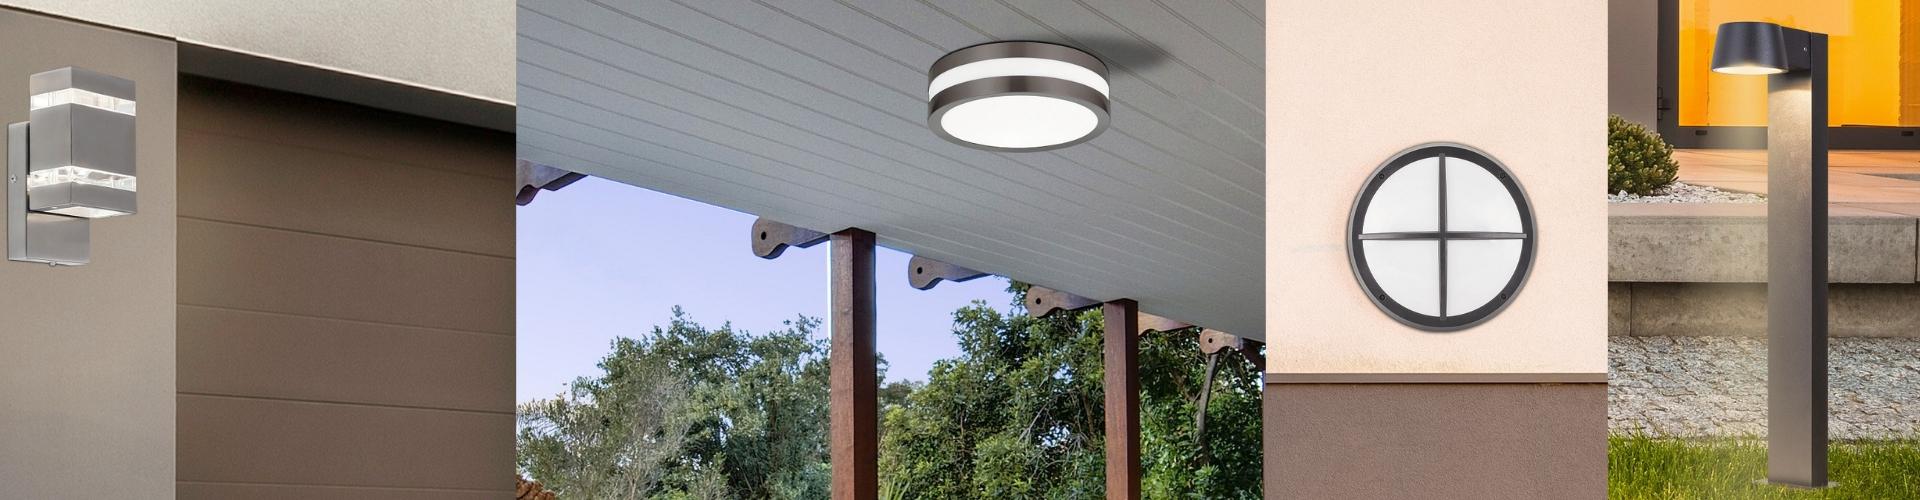 Lampi cu senzor de miscare